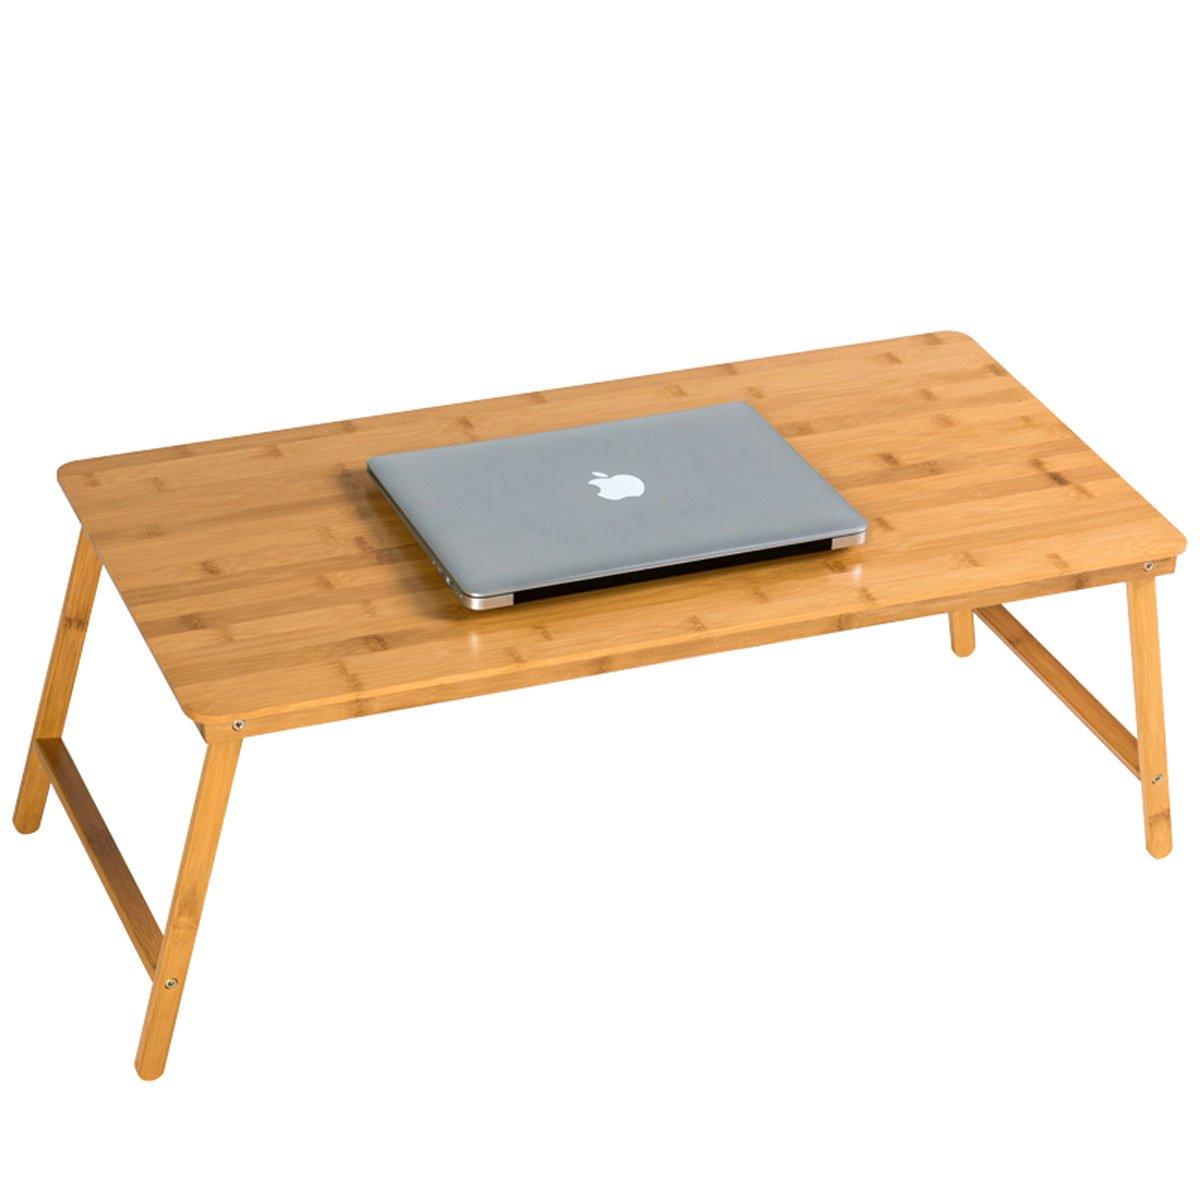 Bett Schreibtisch groß Größe Holz leicht Laptop Stand – zusammenklappbar einfach zu verstauen